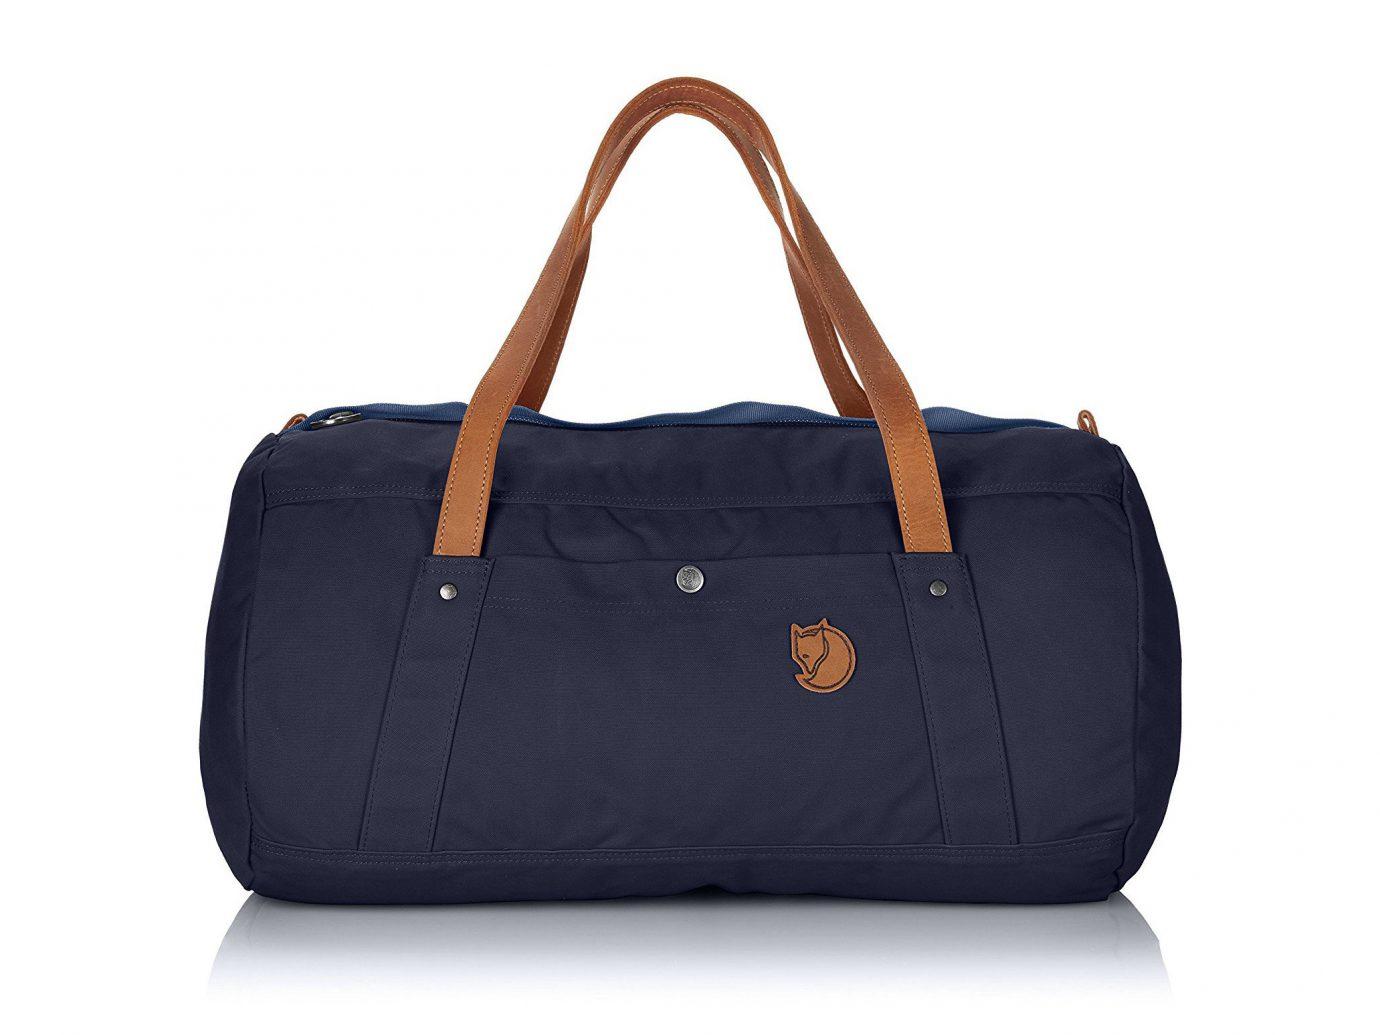 Packing Tips Style + Design Travel Shop bag accessory suitcase luggage black handbag product cobalt blue shoulder bag electric blue leather hand luggage piece case duffel bag luggage & bags product design strap brand